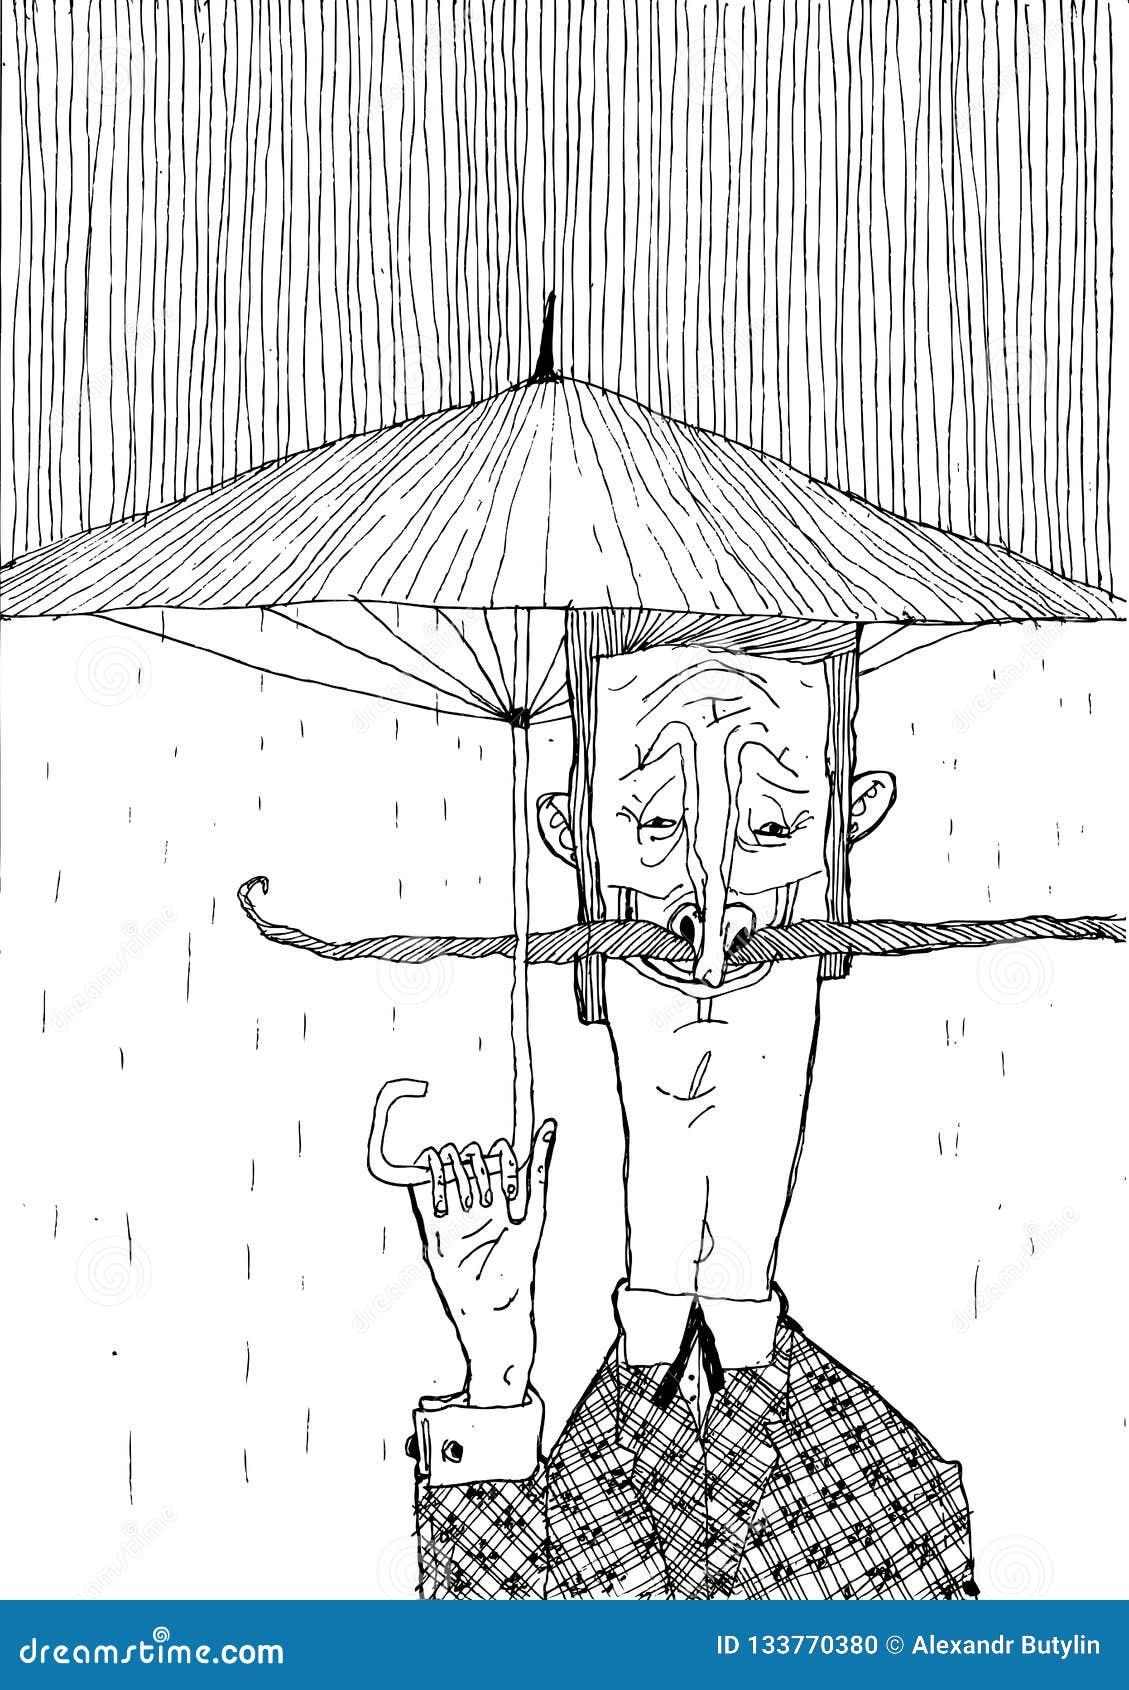 Ein Mann mit einem Schnurrbart und einem Regenschirm im Regen Stilvolle Schwarzweiss-Grafiken für Plakate und Druckproduktion